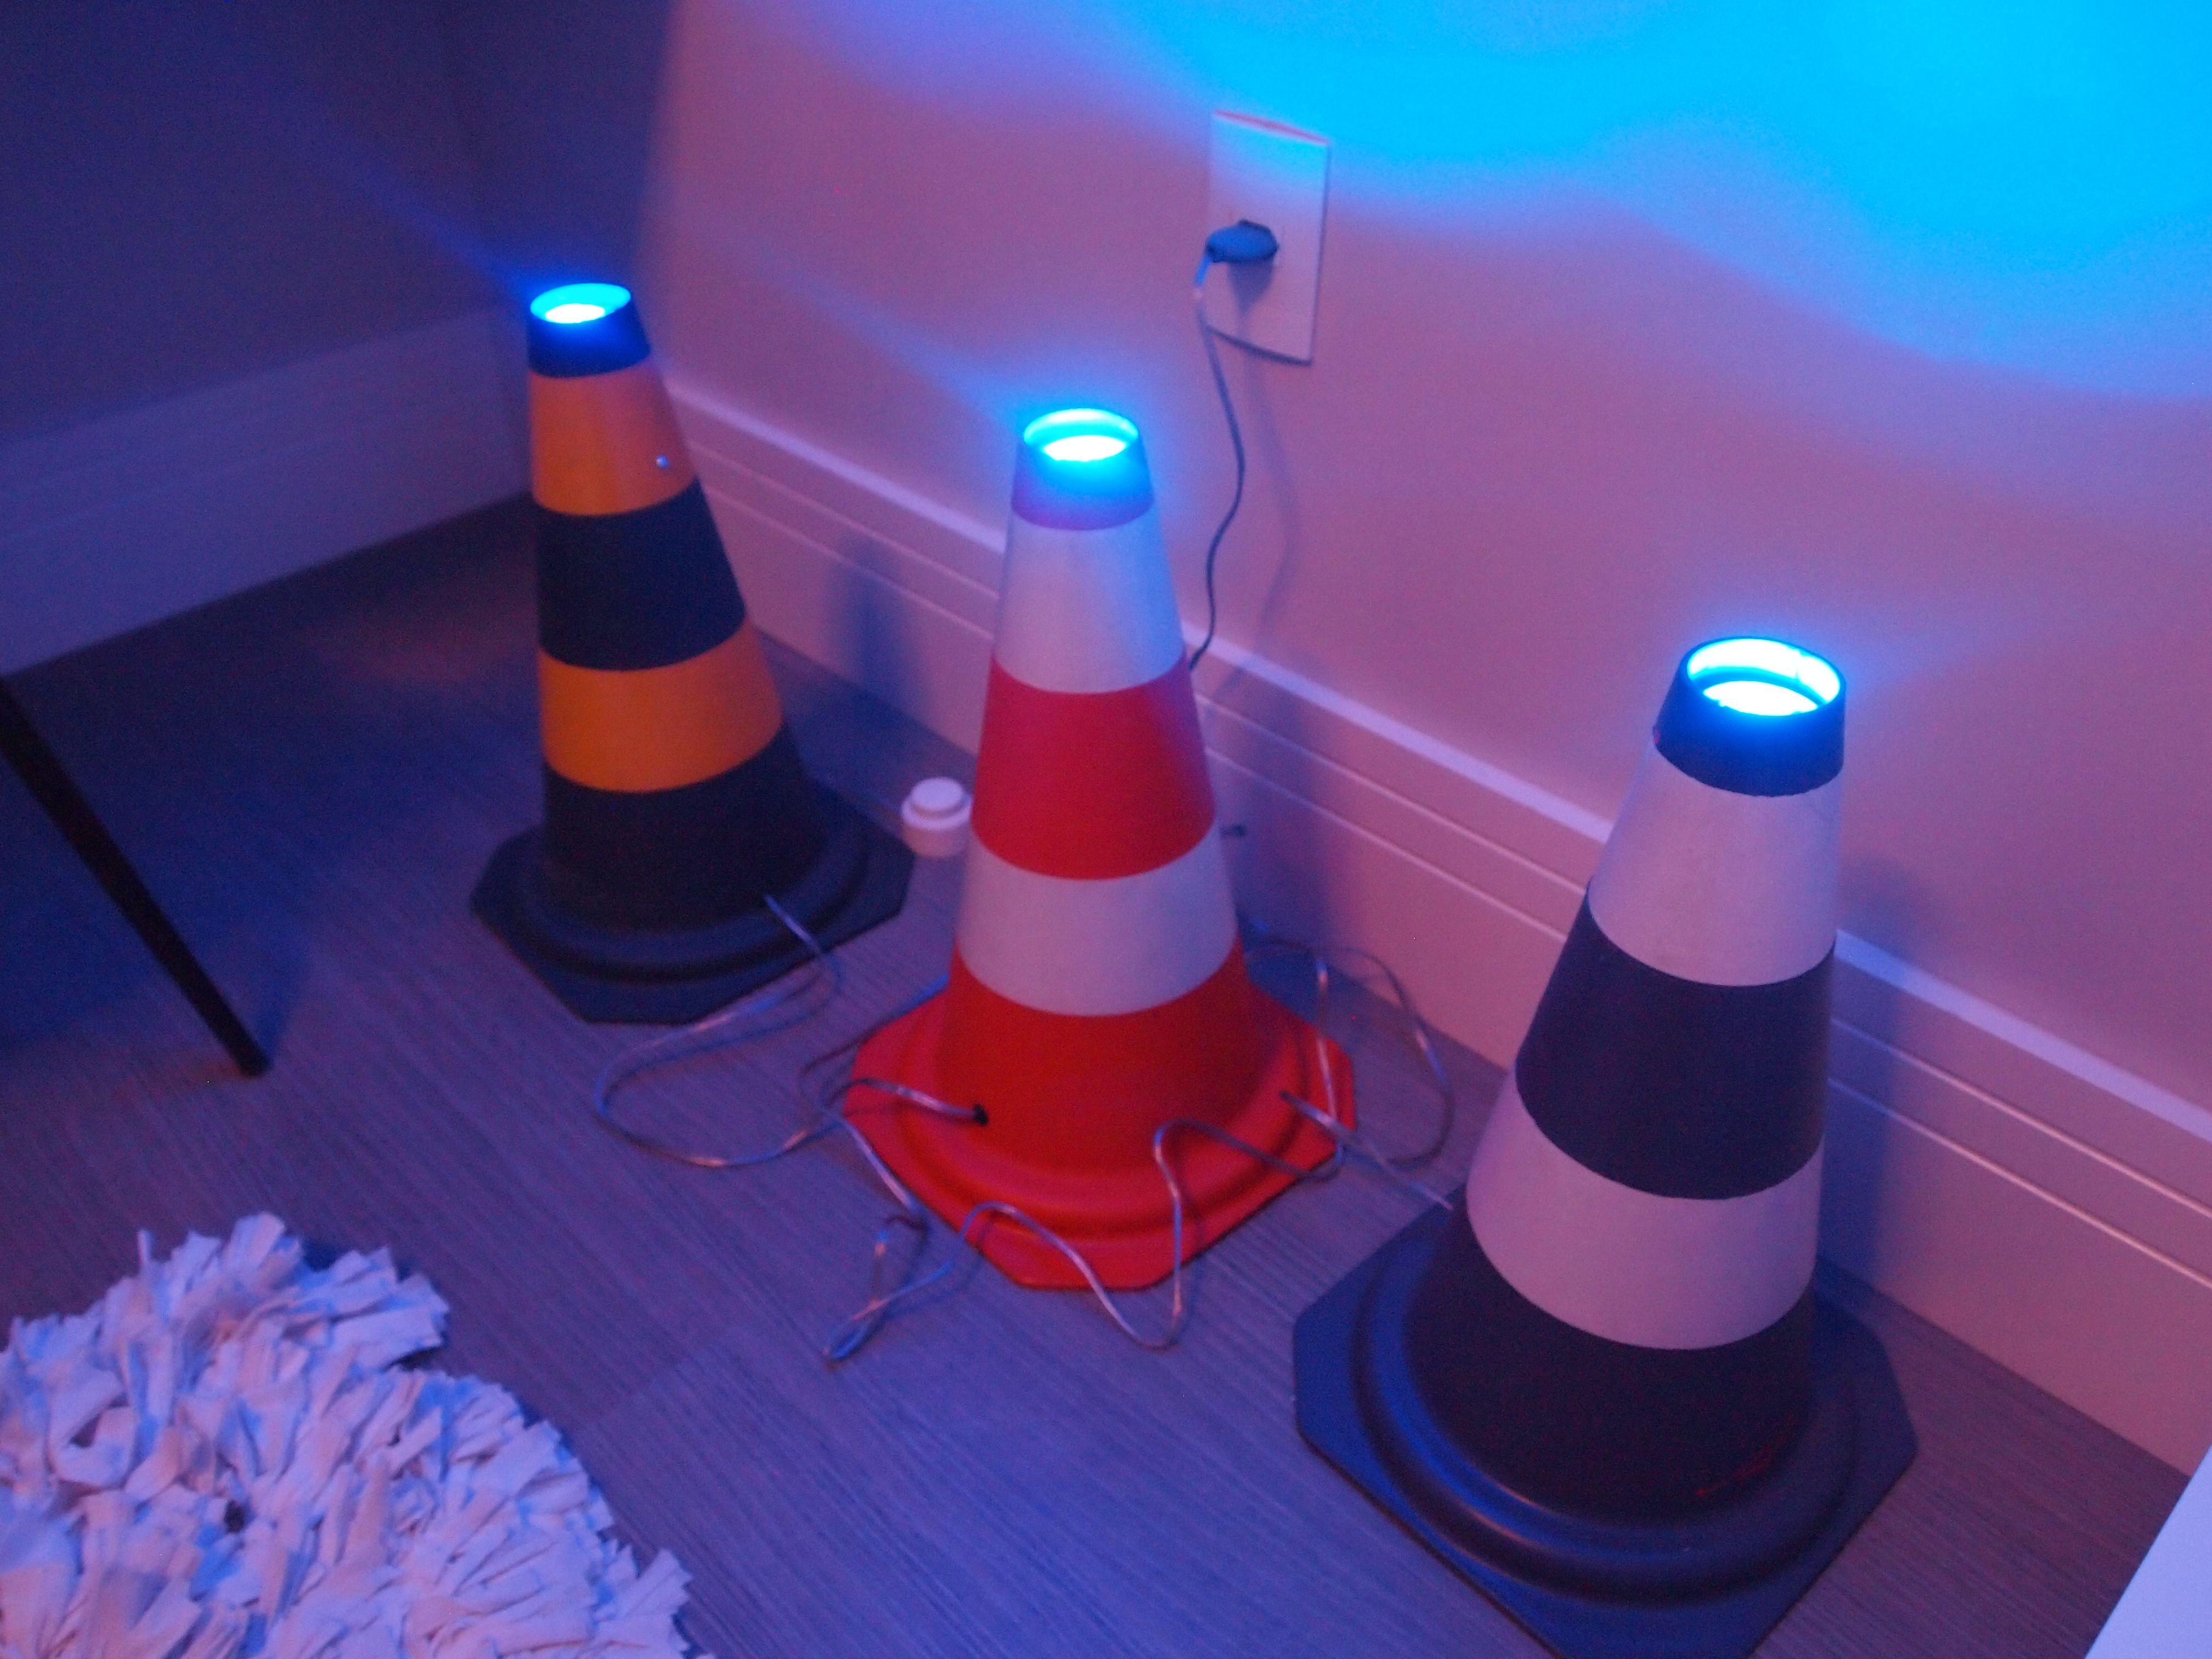 Cones com iluminação deixam o quarto muito mais divertido #rossiamérica